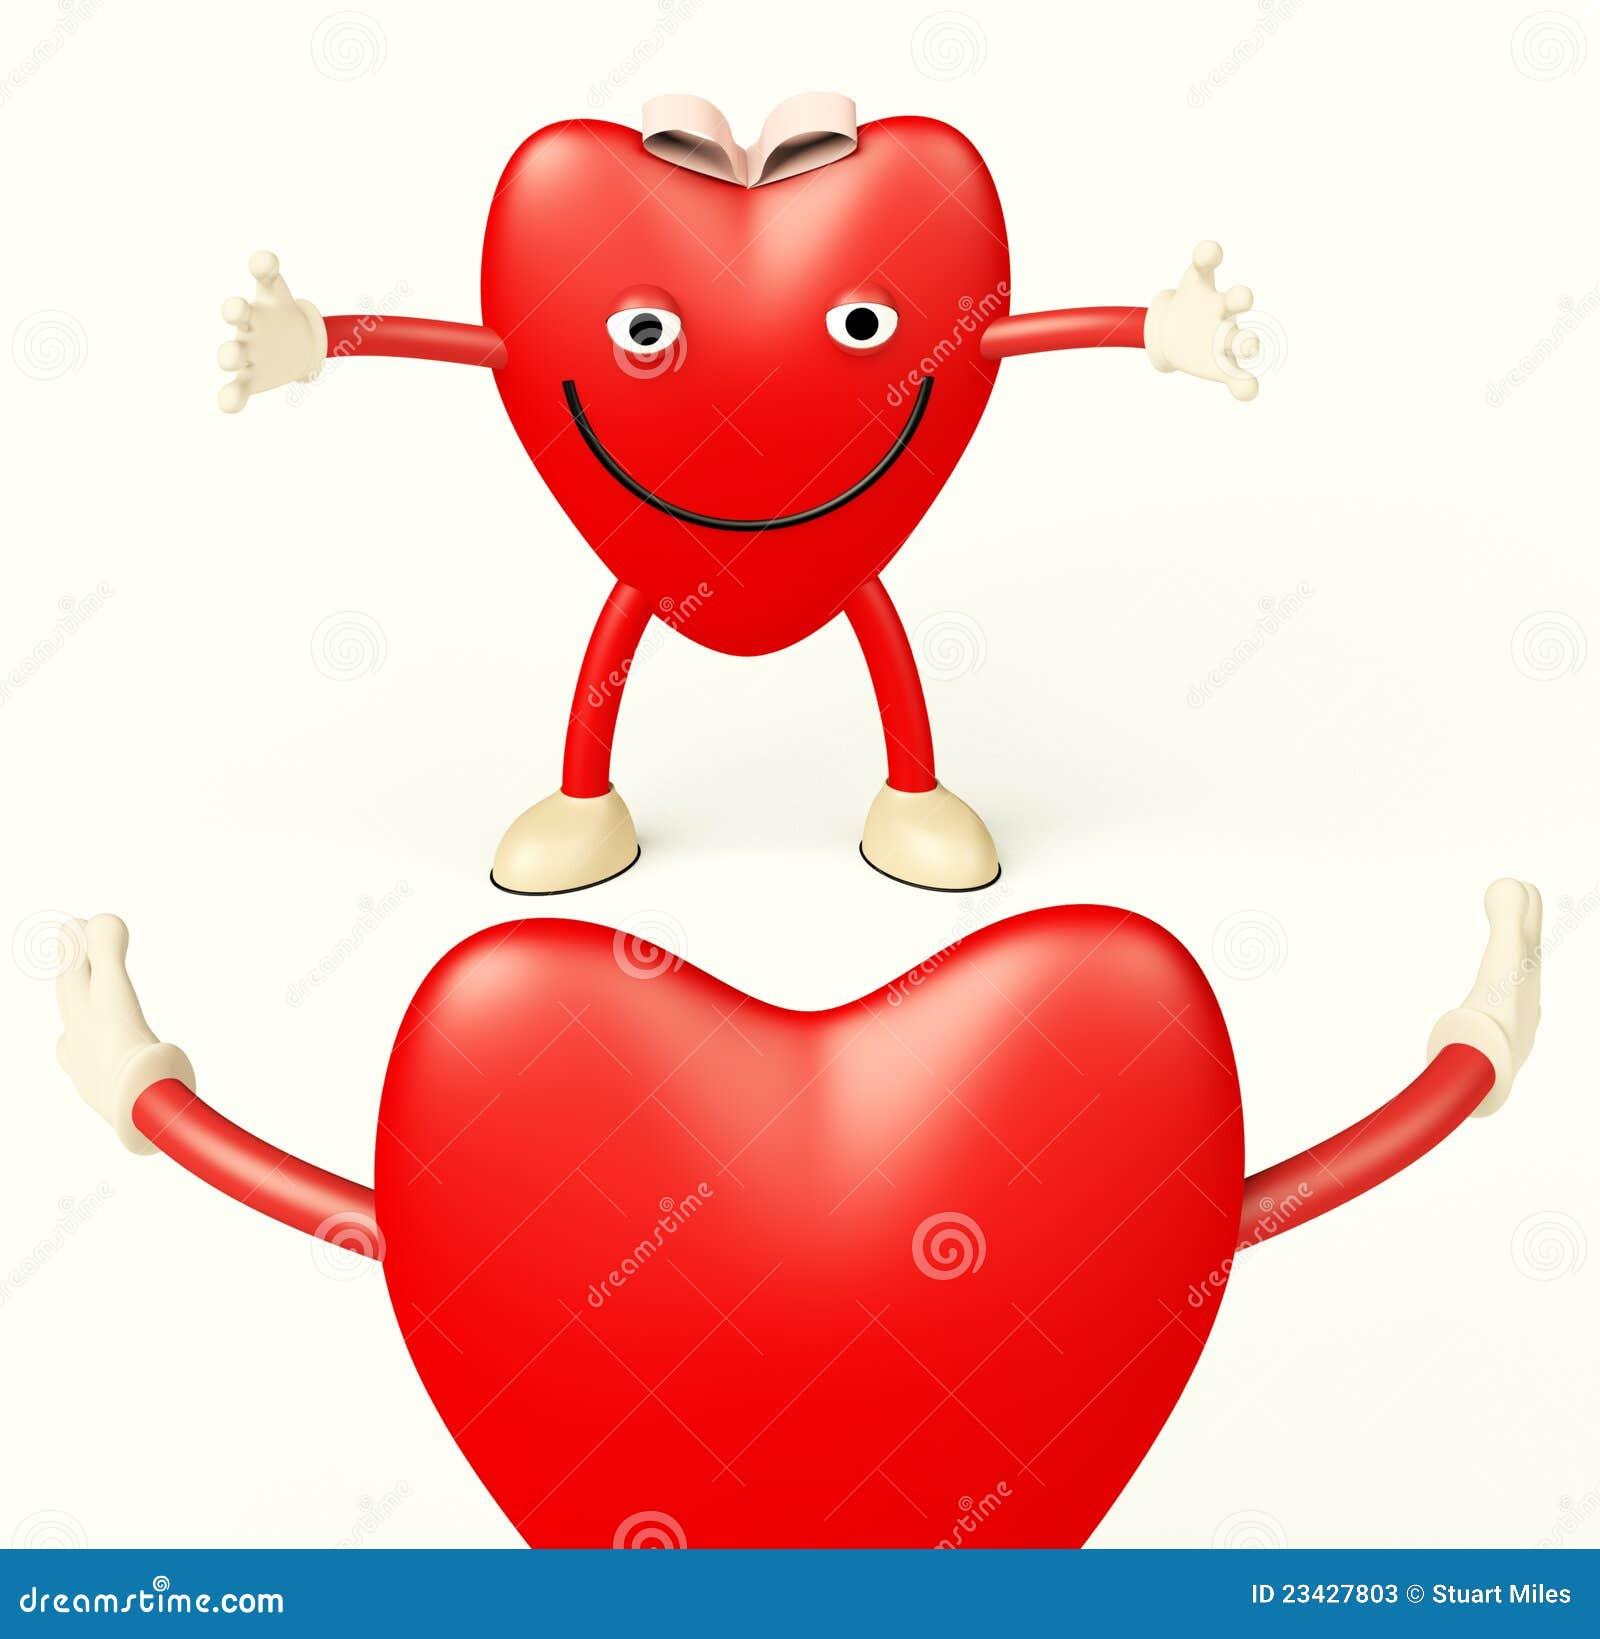 Dessin anim de coeur affichant l 39 amour photos stock image 23427803 - Dessin de l amour ...